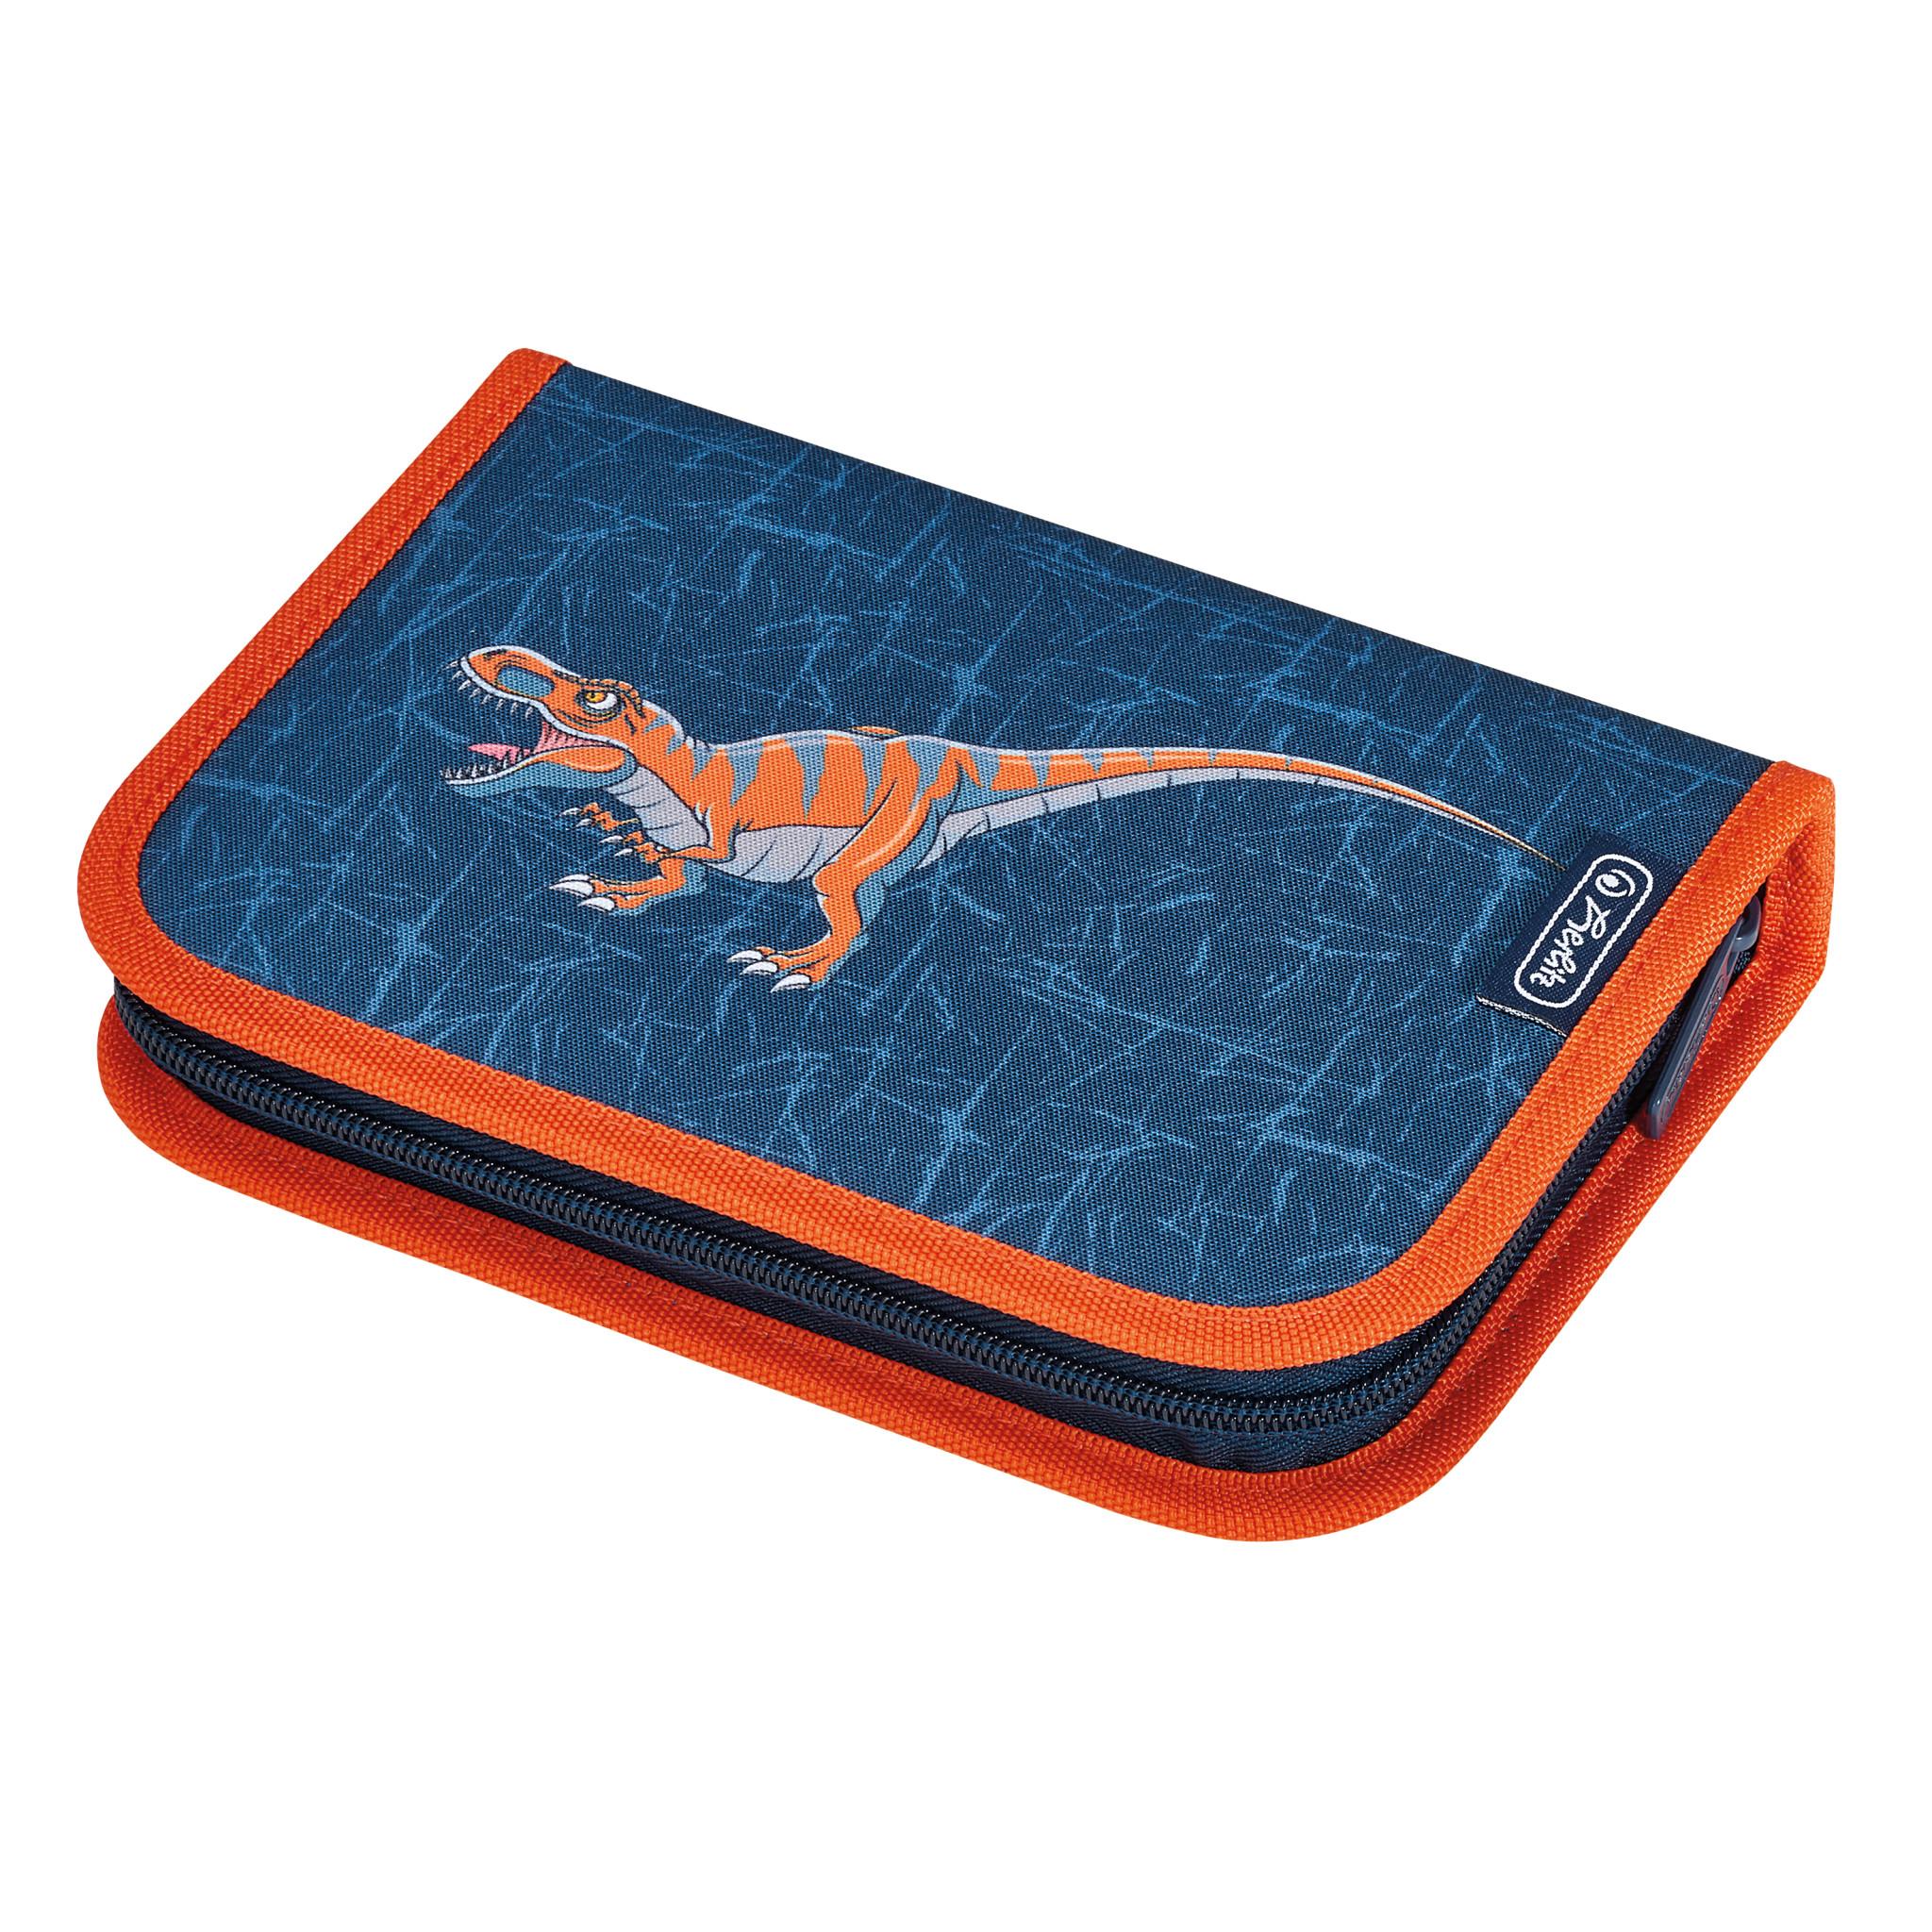 Herlitz 50032990 - Federmäppchen - Dinomania - Blau - Orange - Polyester